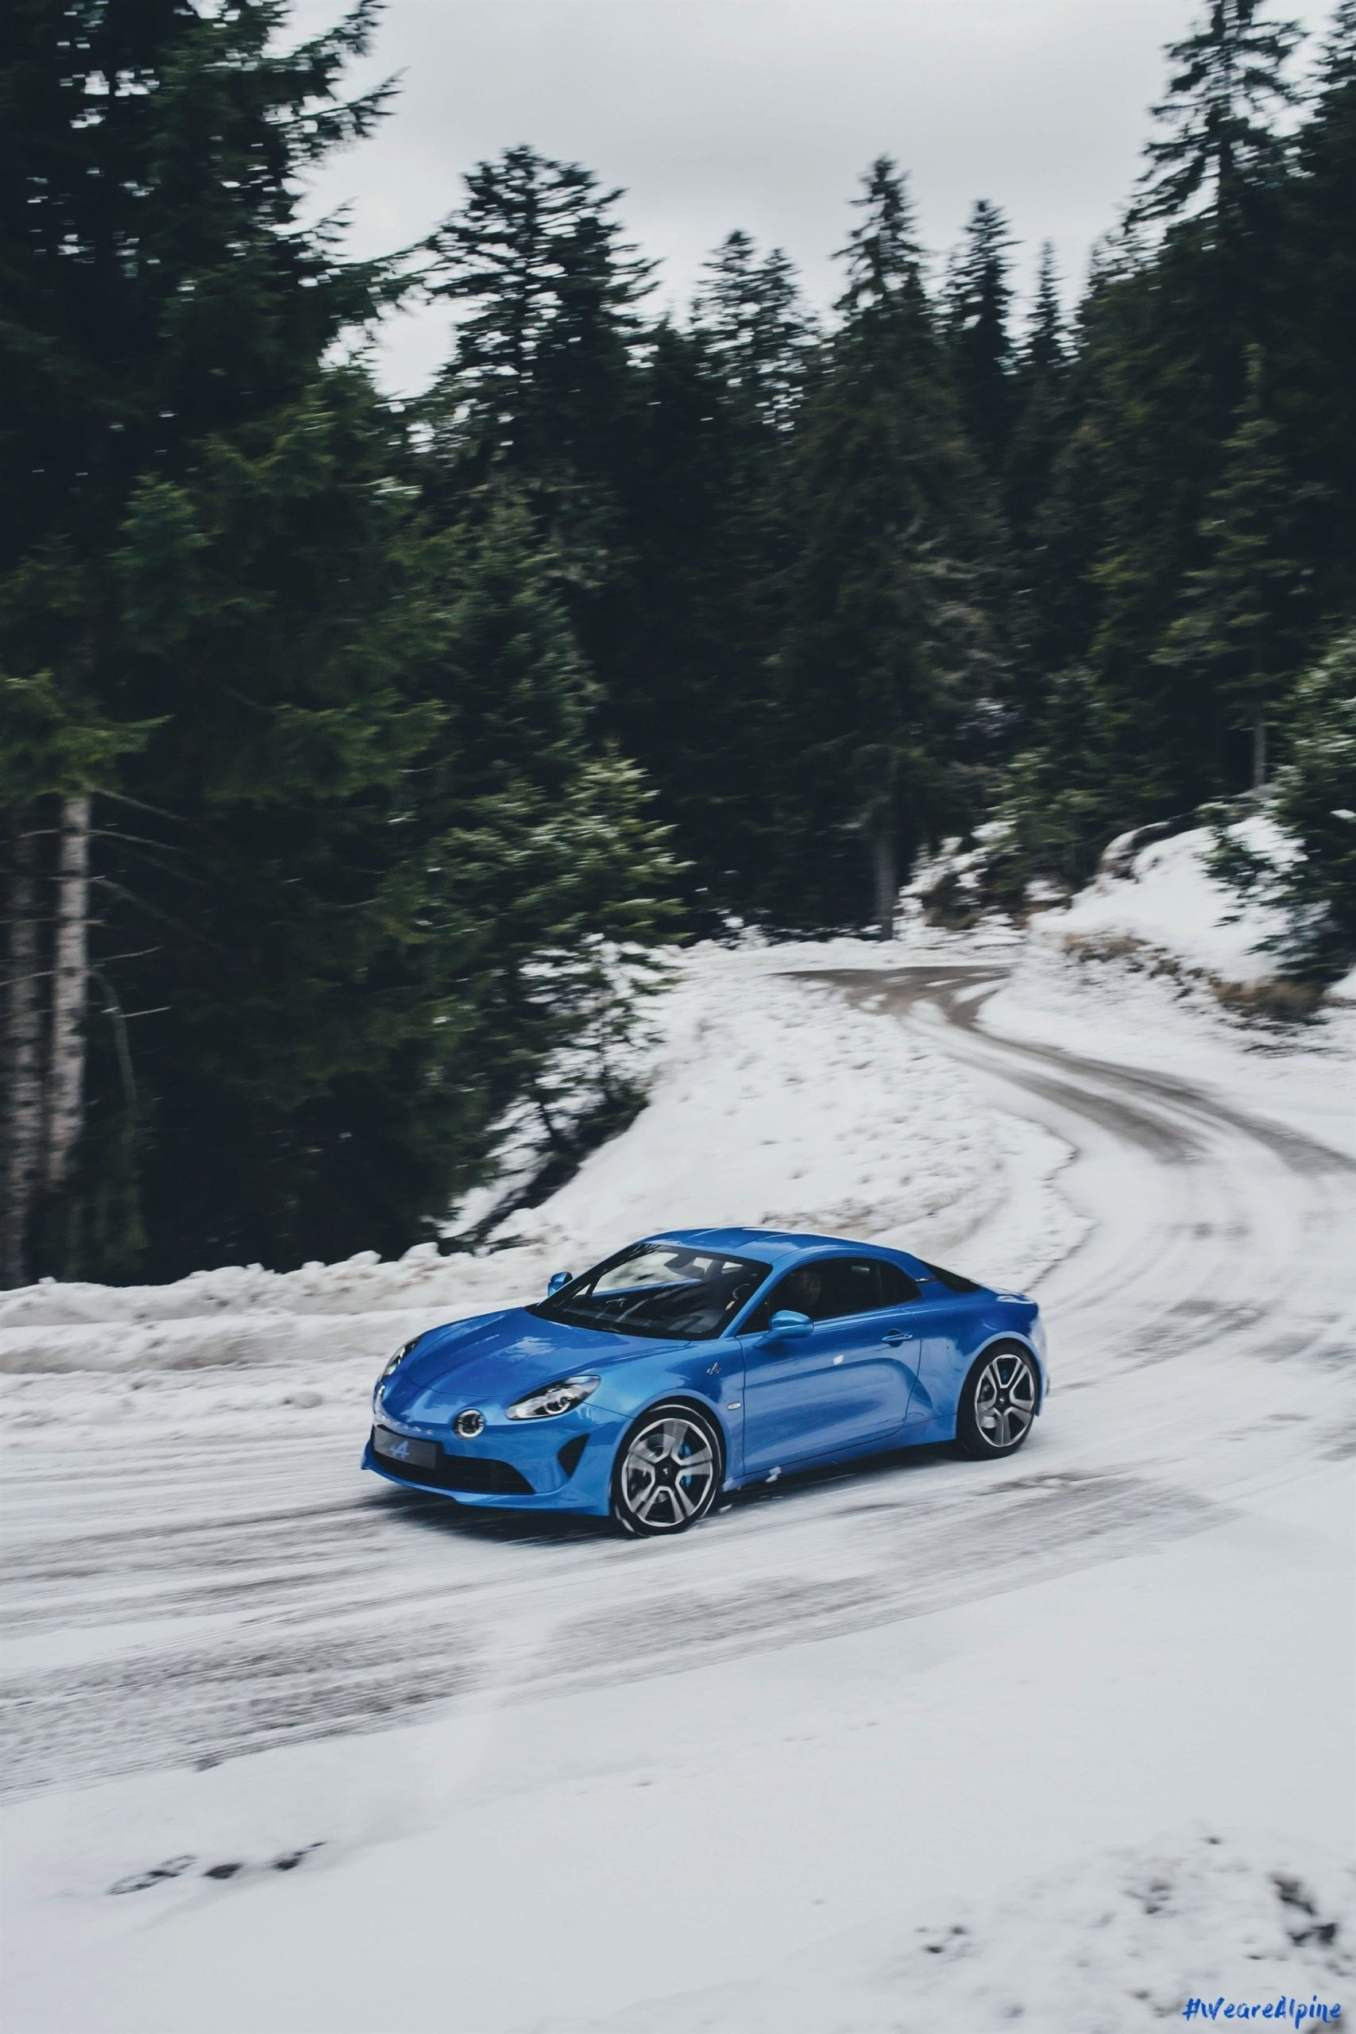 Genève 2017 Alpine A110 Premiere edition officielle 23 imp scaled | Salon de Genève 2017, toutes les informations officielles de l'Alpine A110 !